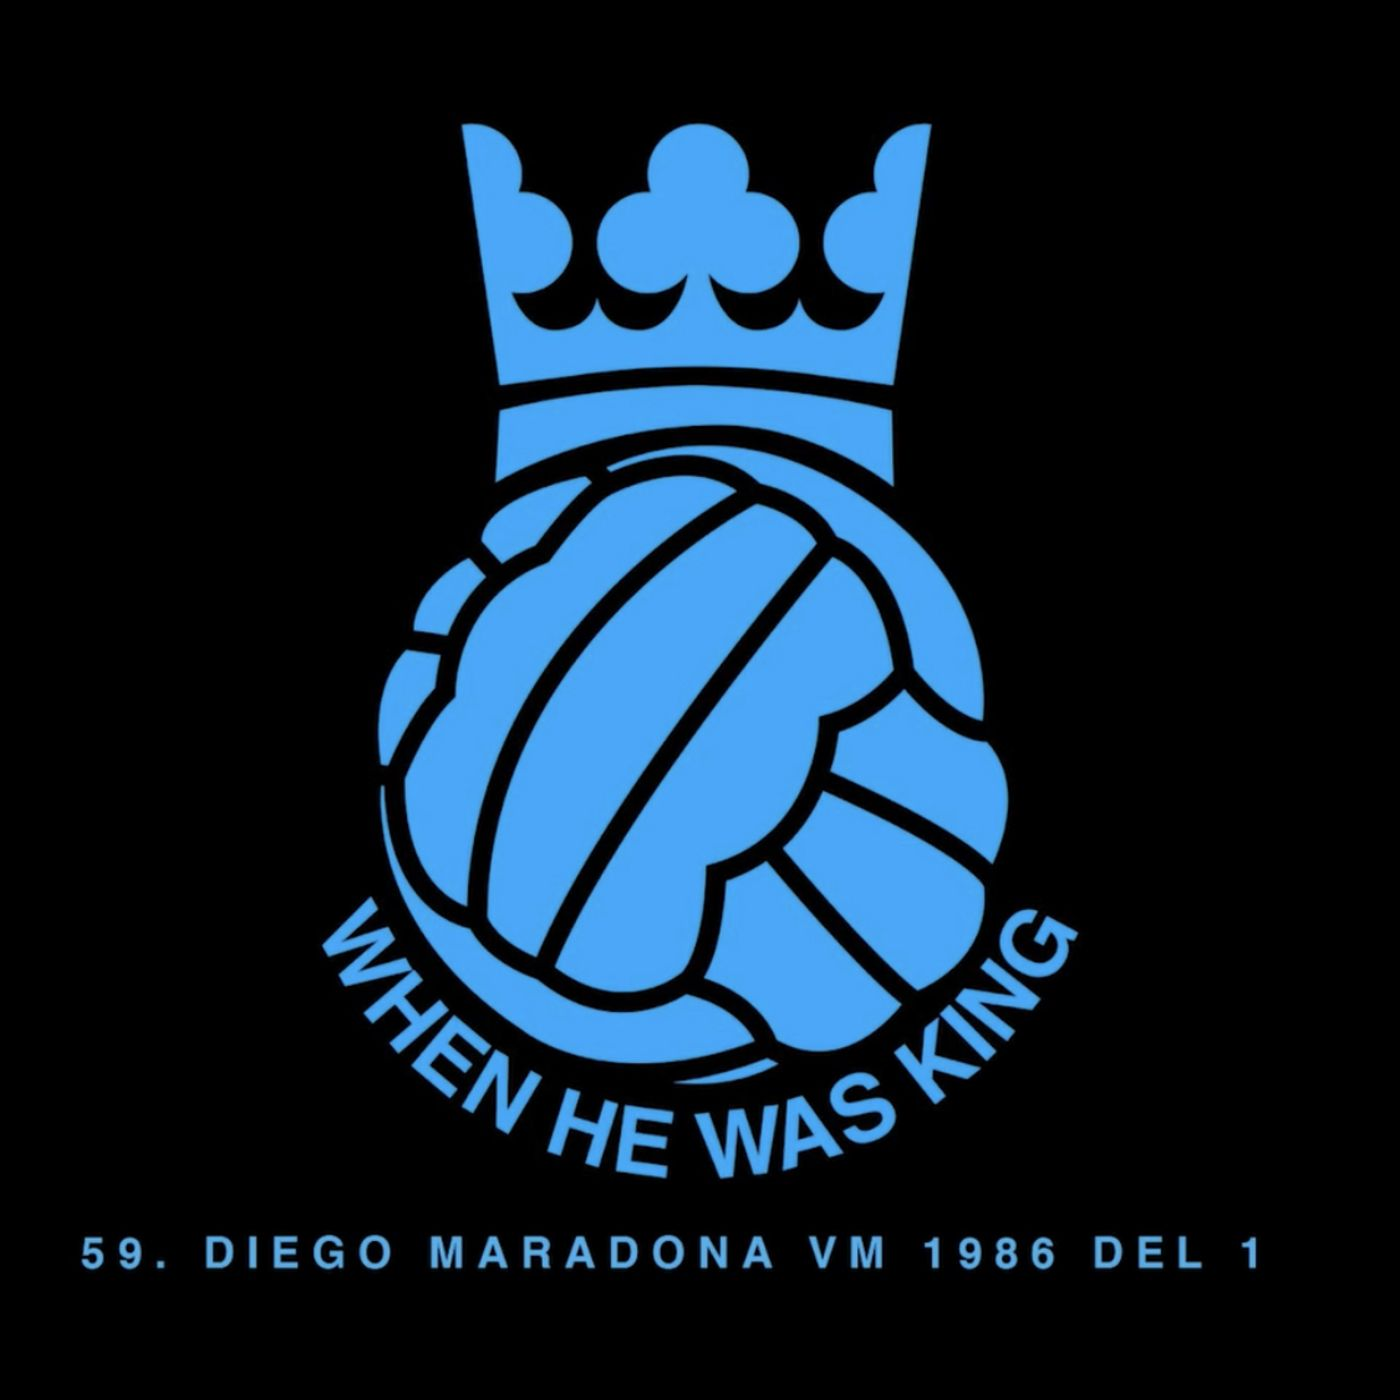 59. Diego Maradona VM 1986 - del 1